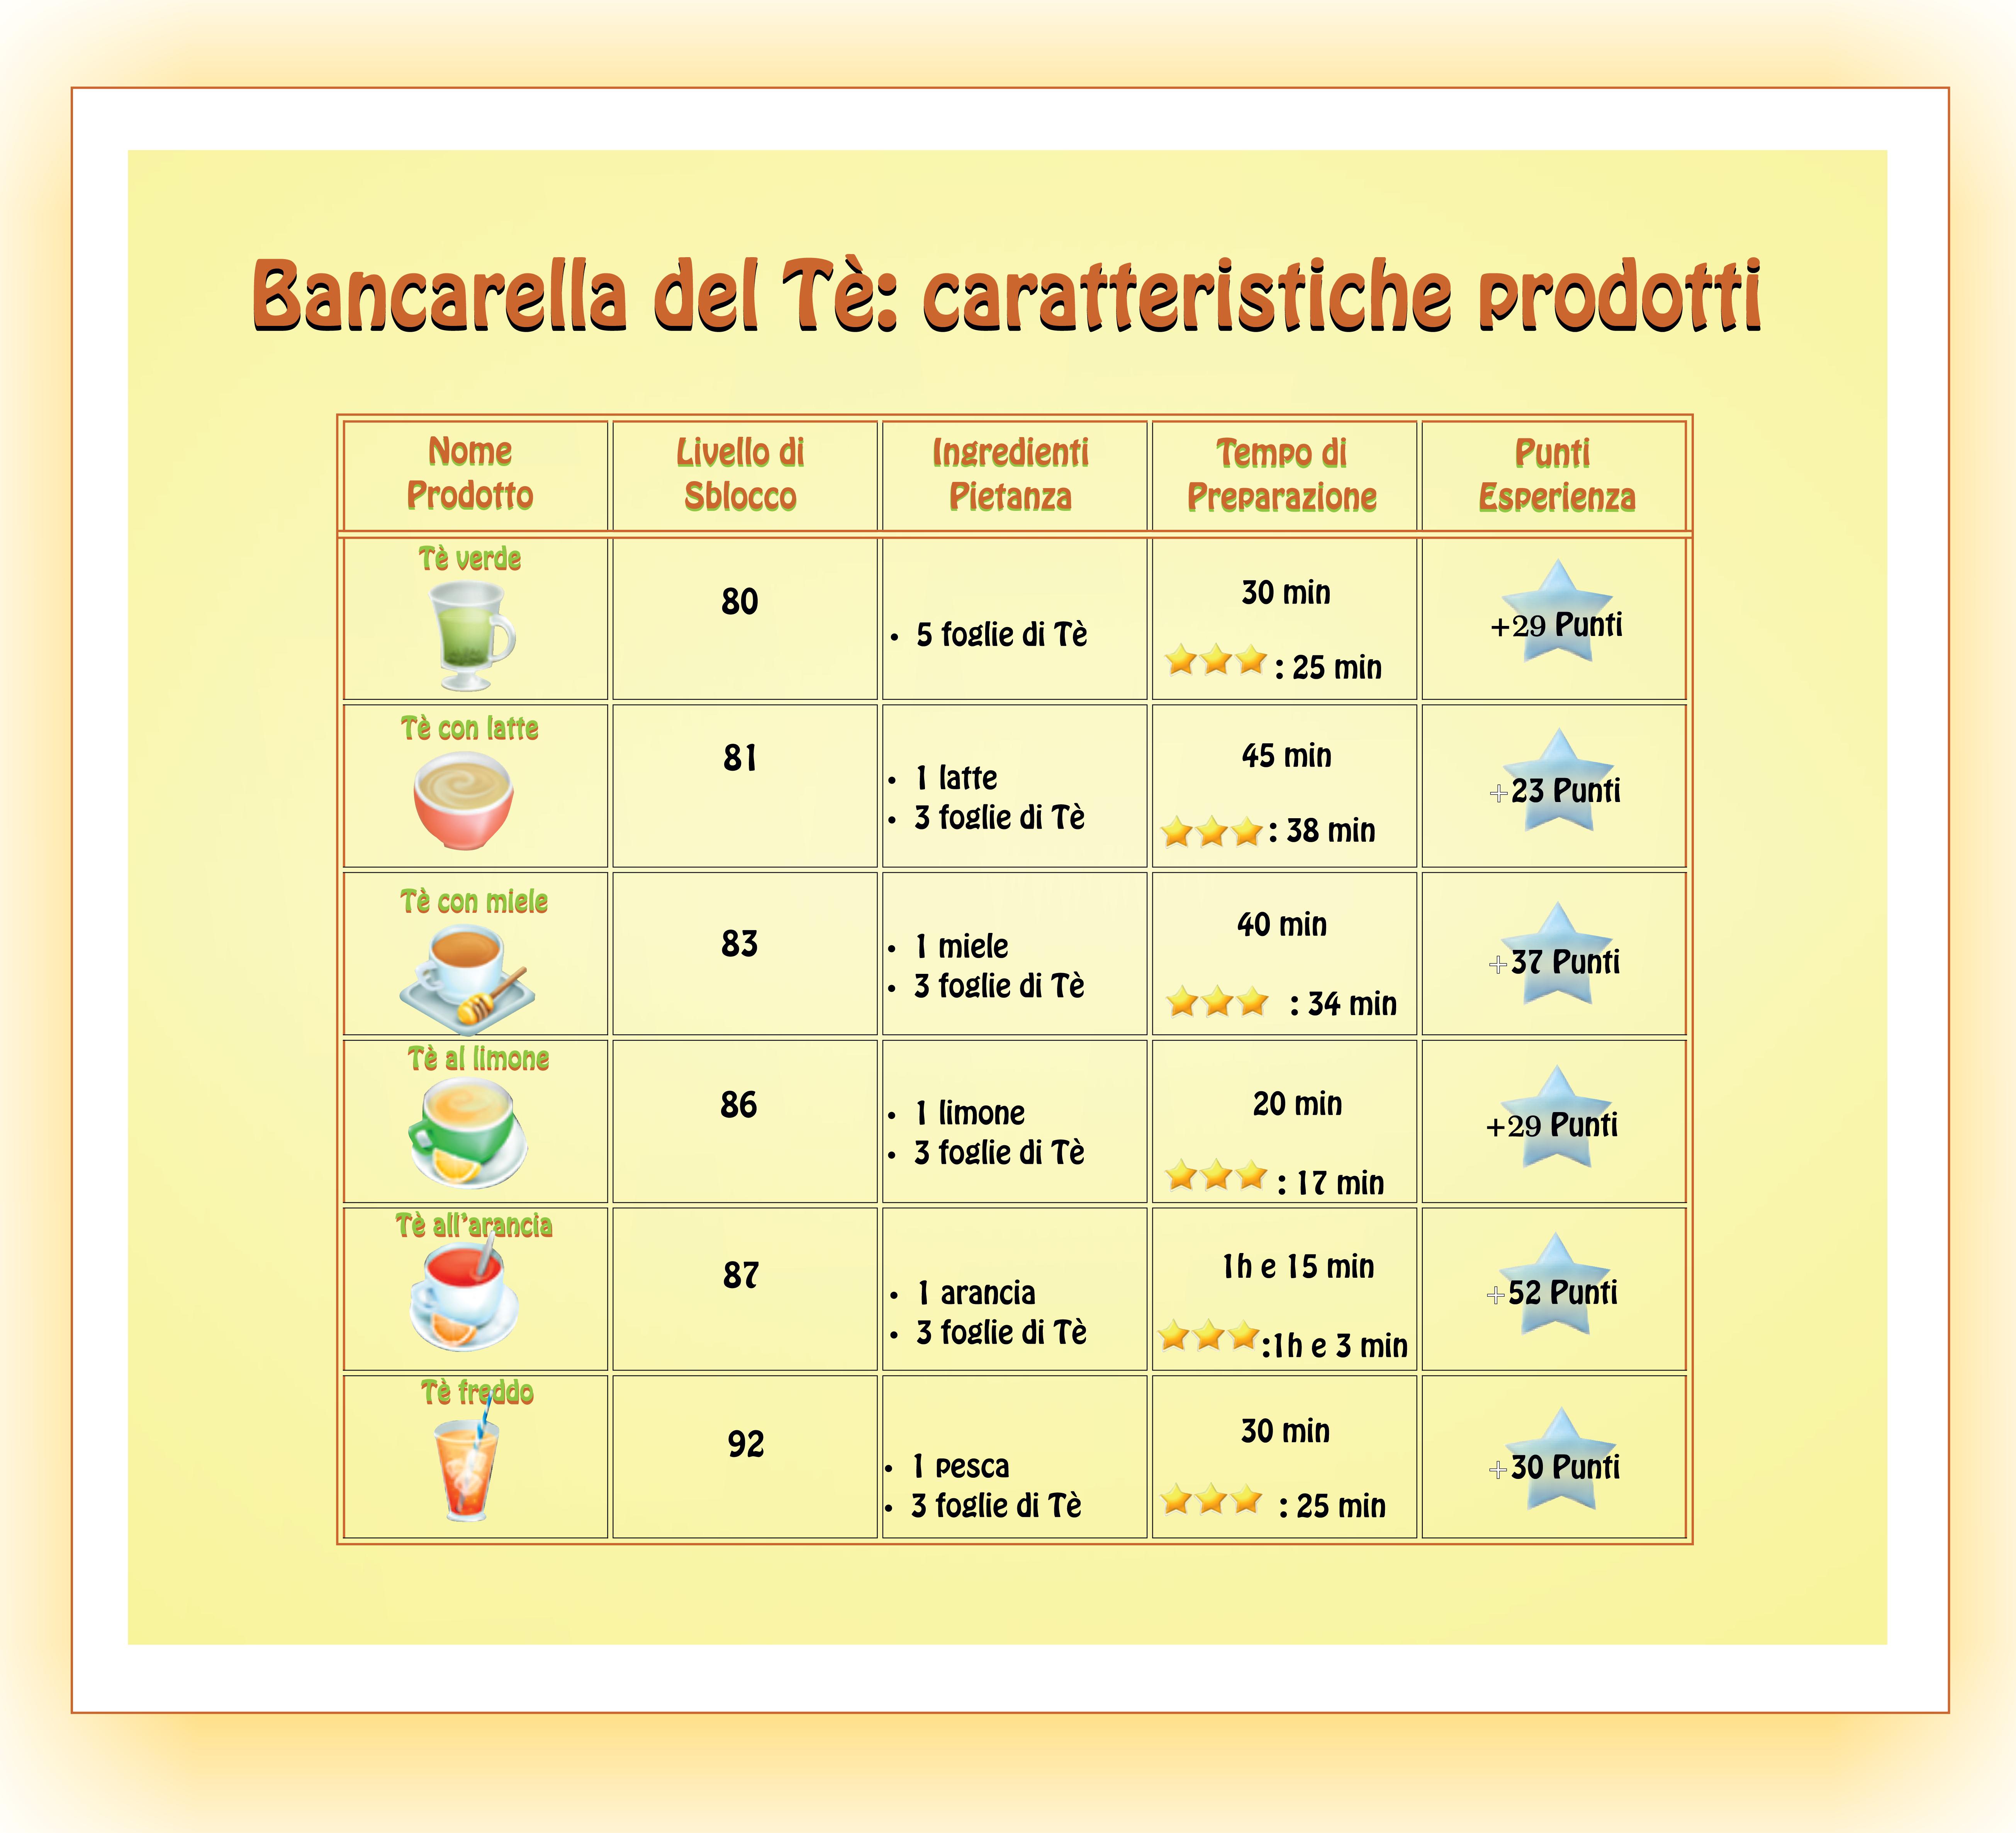 Bancarella-del-Tè-caratteristiche-prodotti